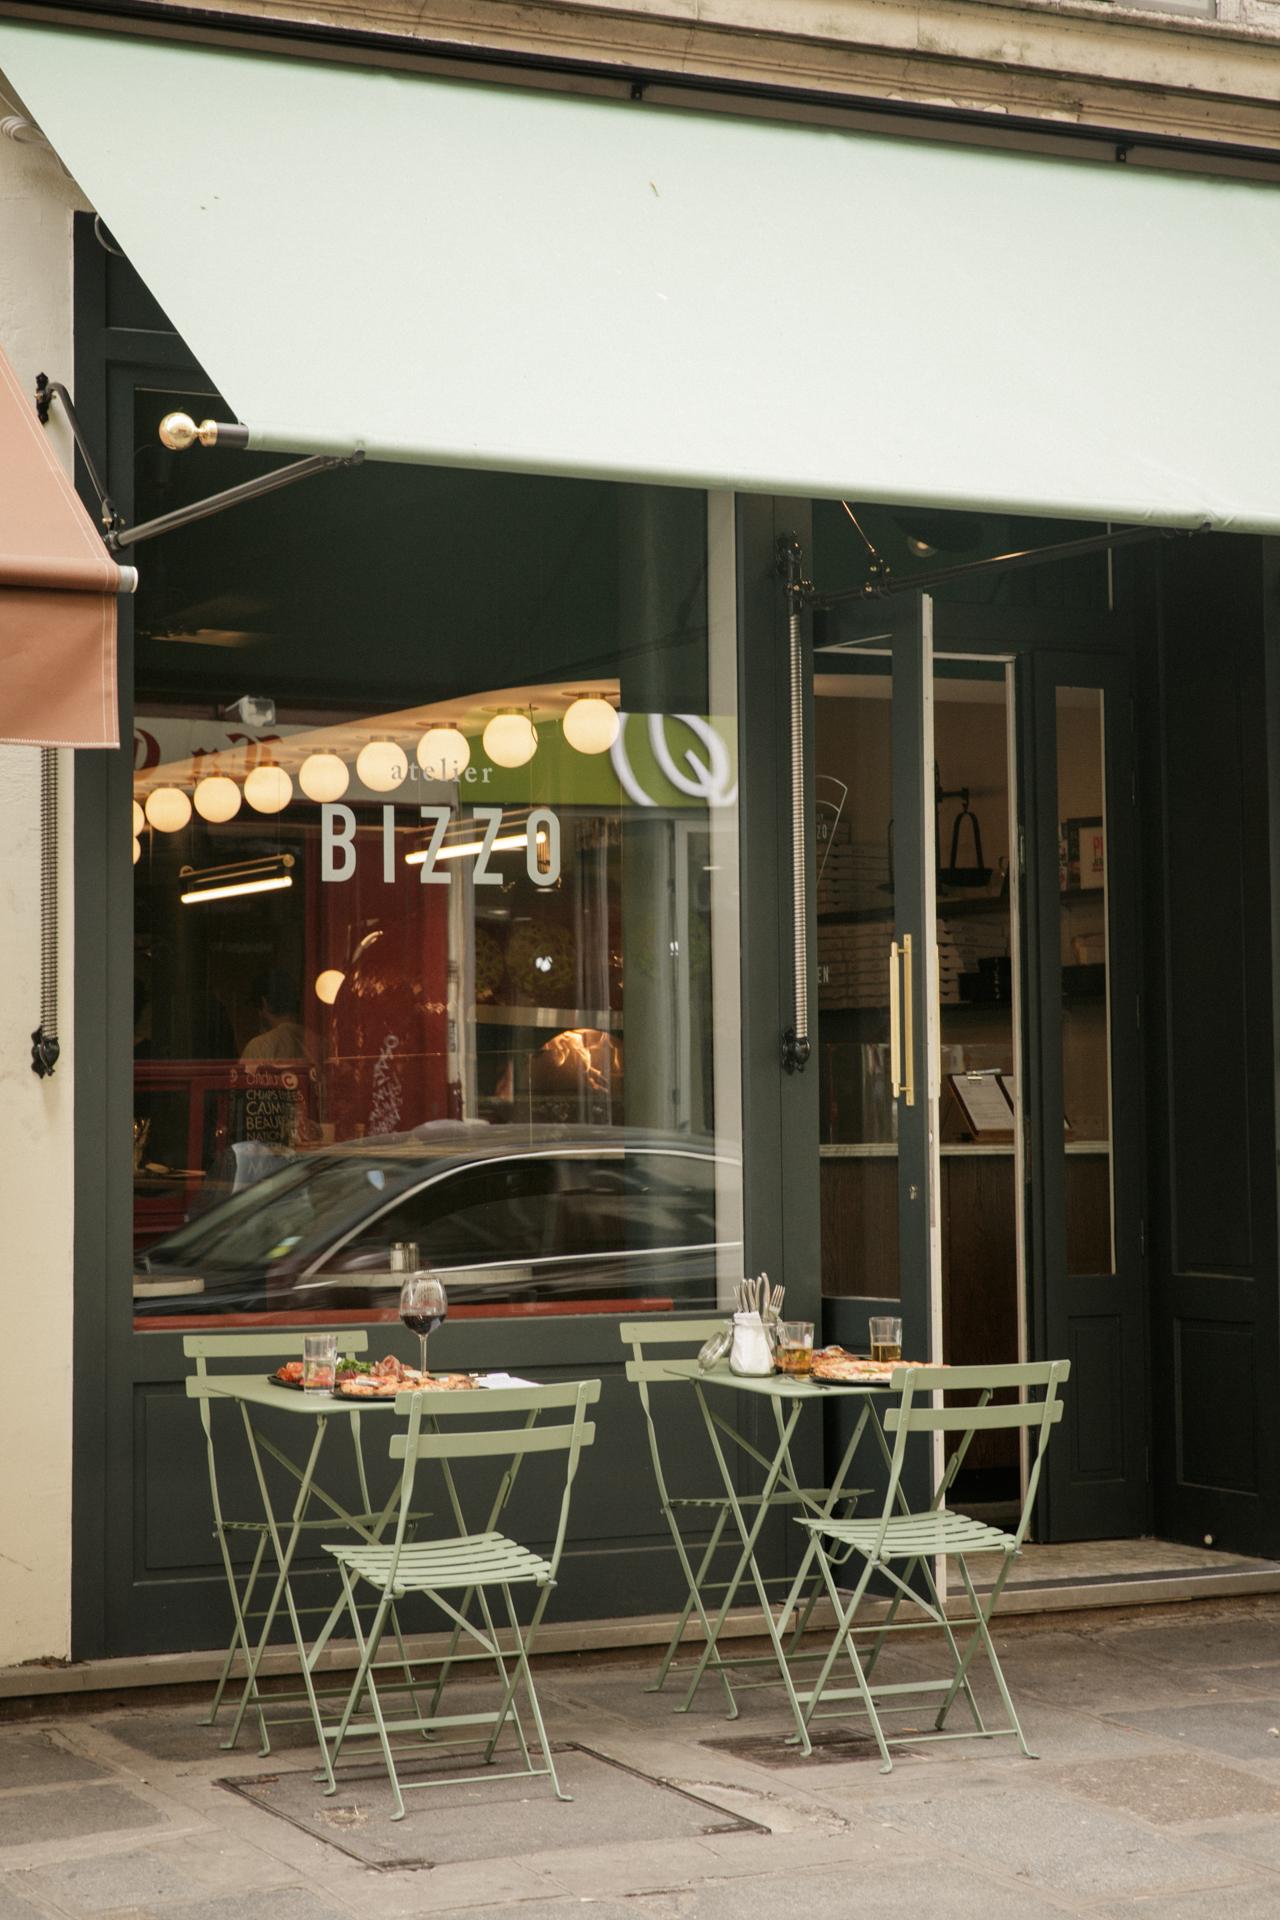 Pizza place, 53 rue du faubourg Poissonnière, Paris X - photos @laurastevens